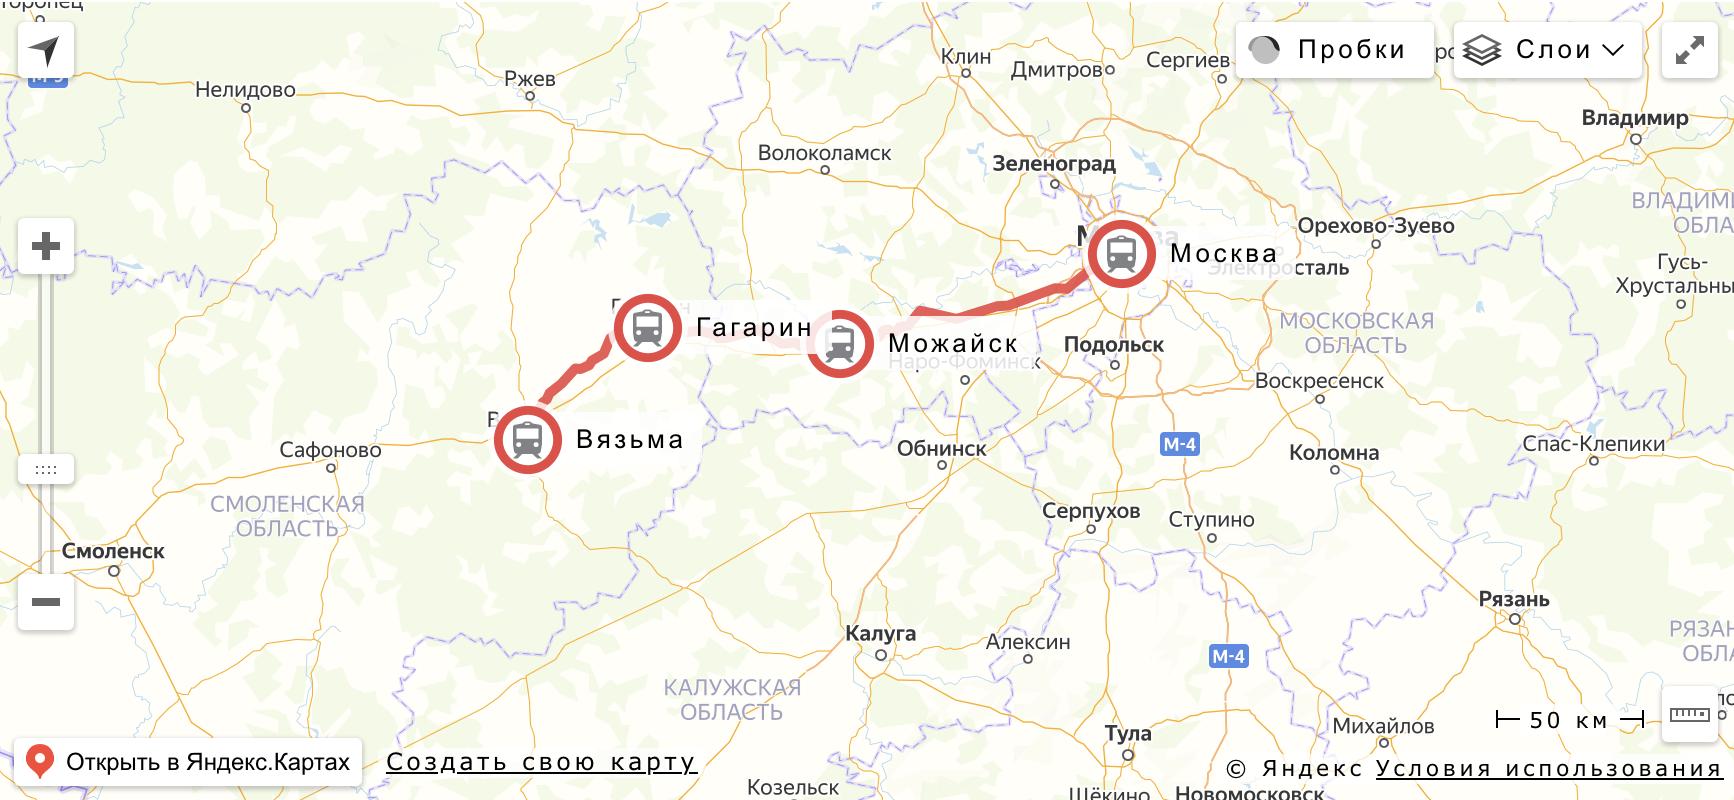 """Маршрут поезда """"Ласточка"""" Москва - Вязьма"""